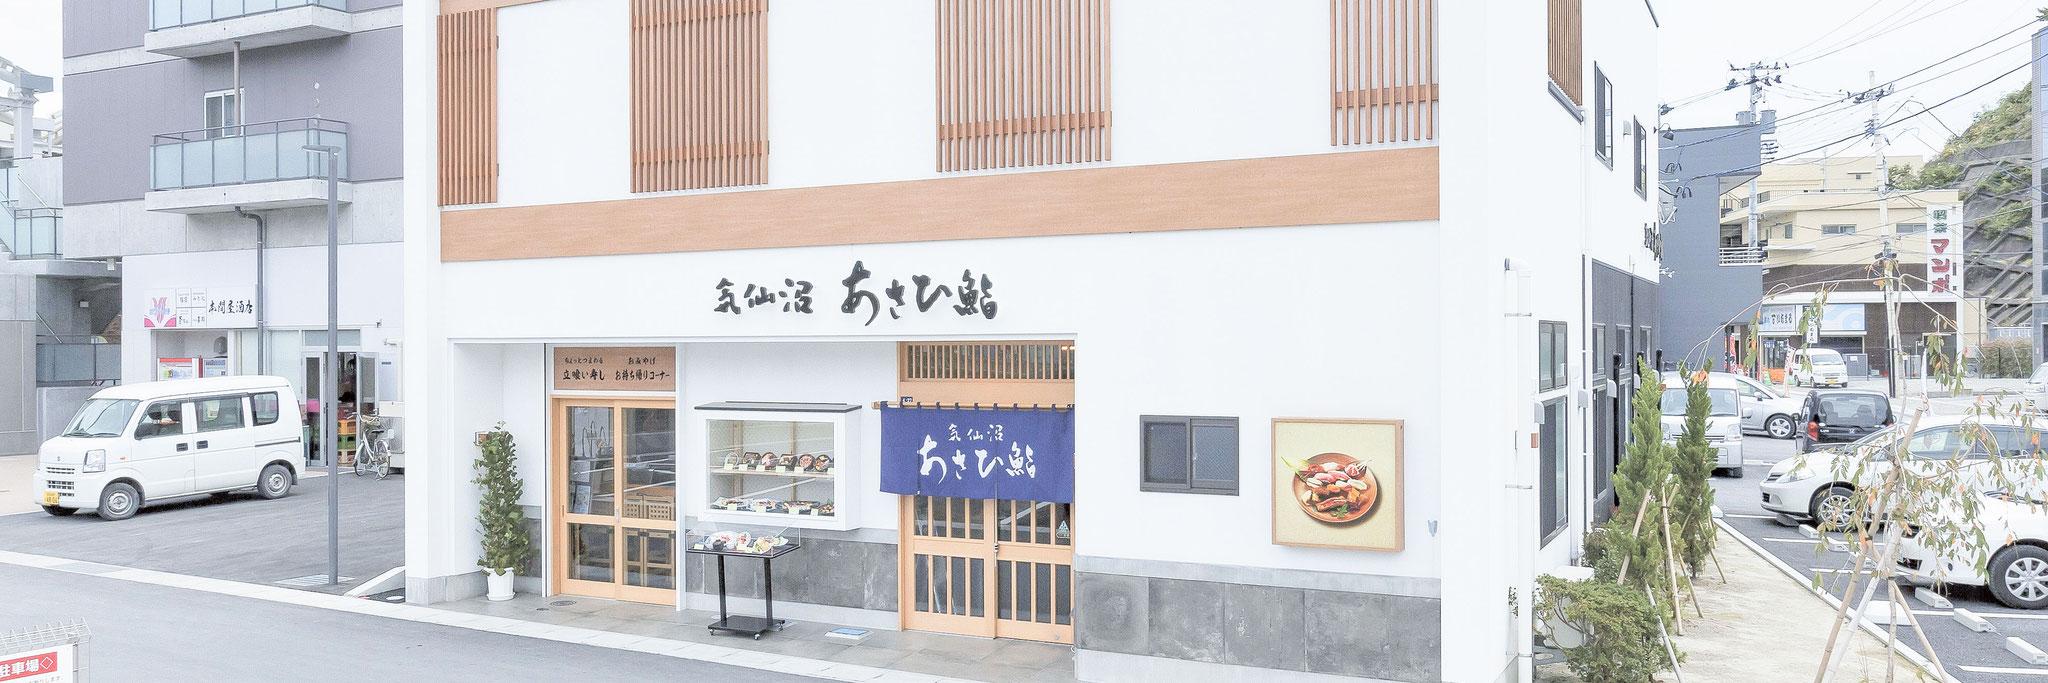 気仙沼 あさひ鮨 本店